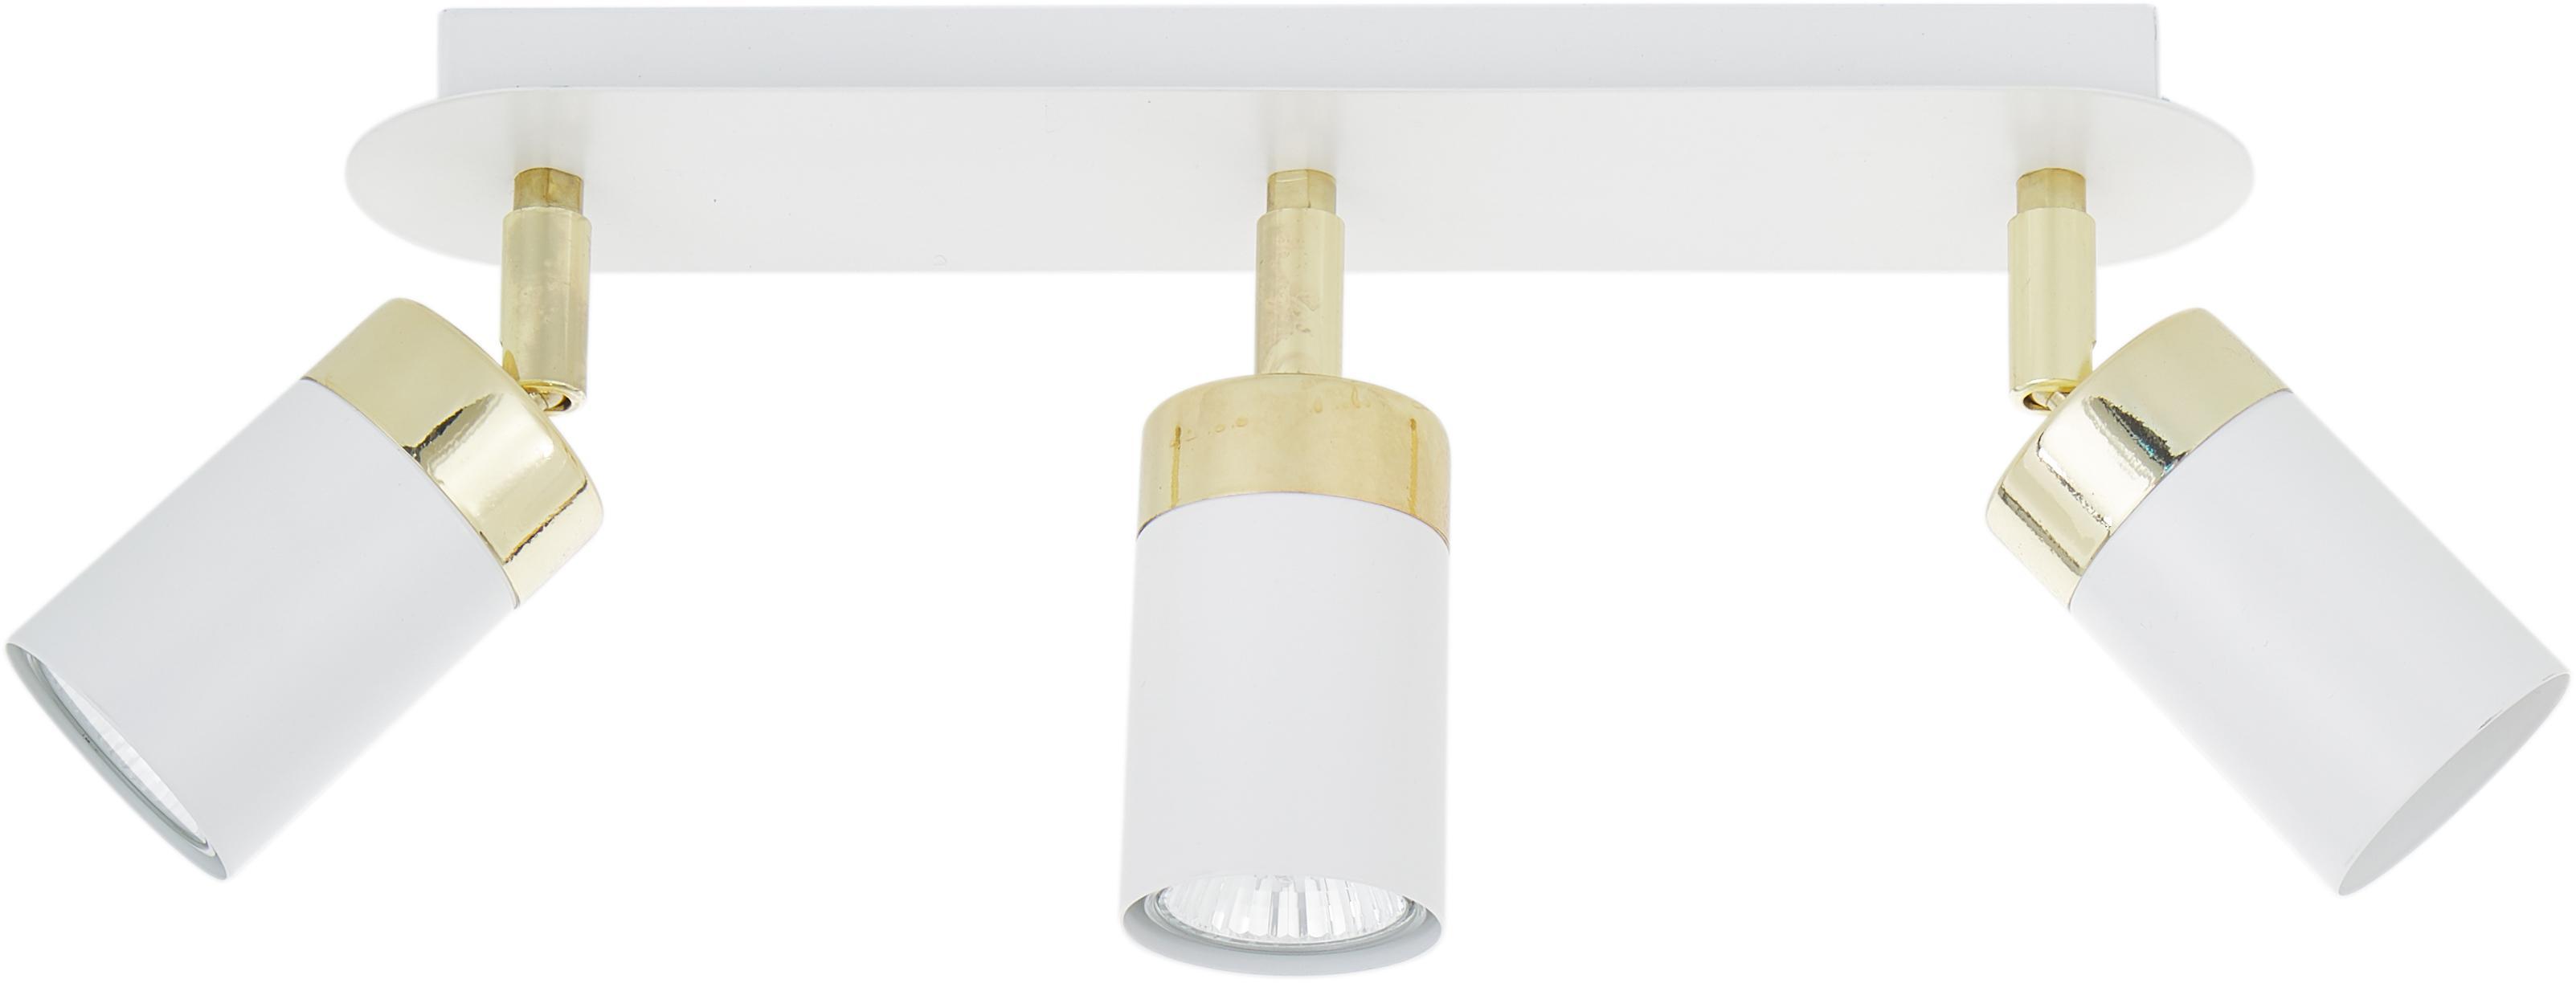 Lampa sufitowa Joker, Biały, odcienie mosiądzu, S 45 x W 13 cm